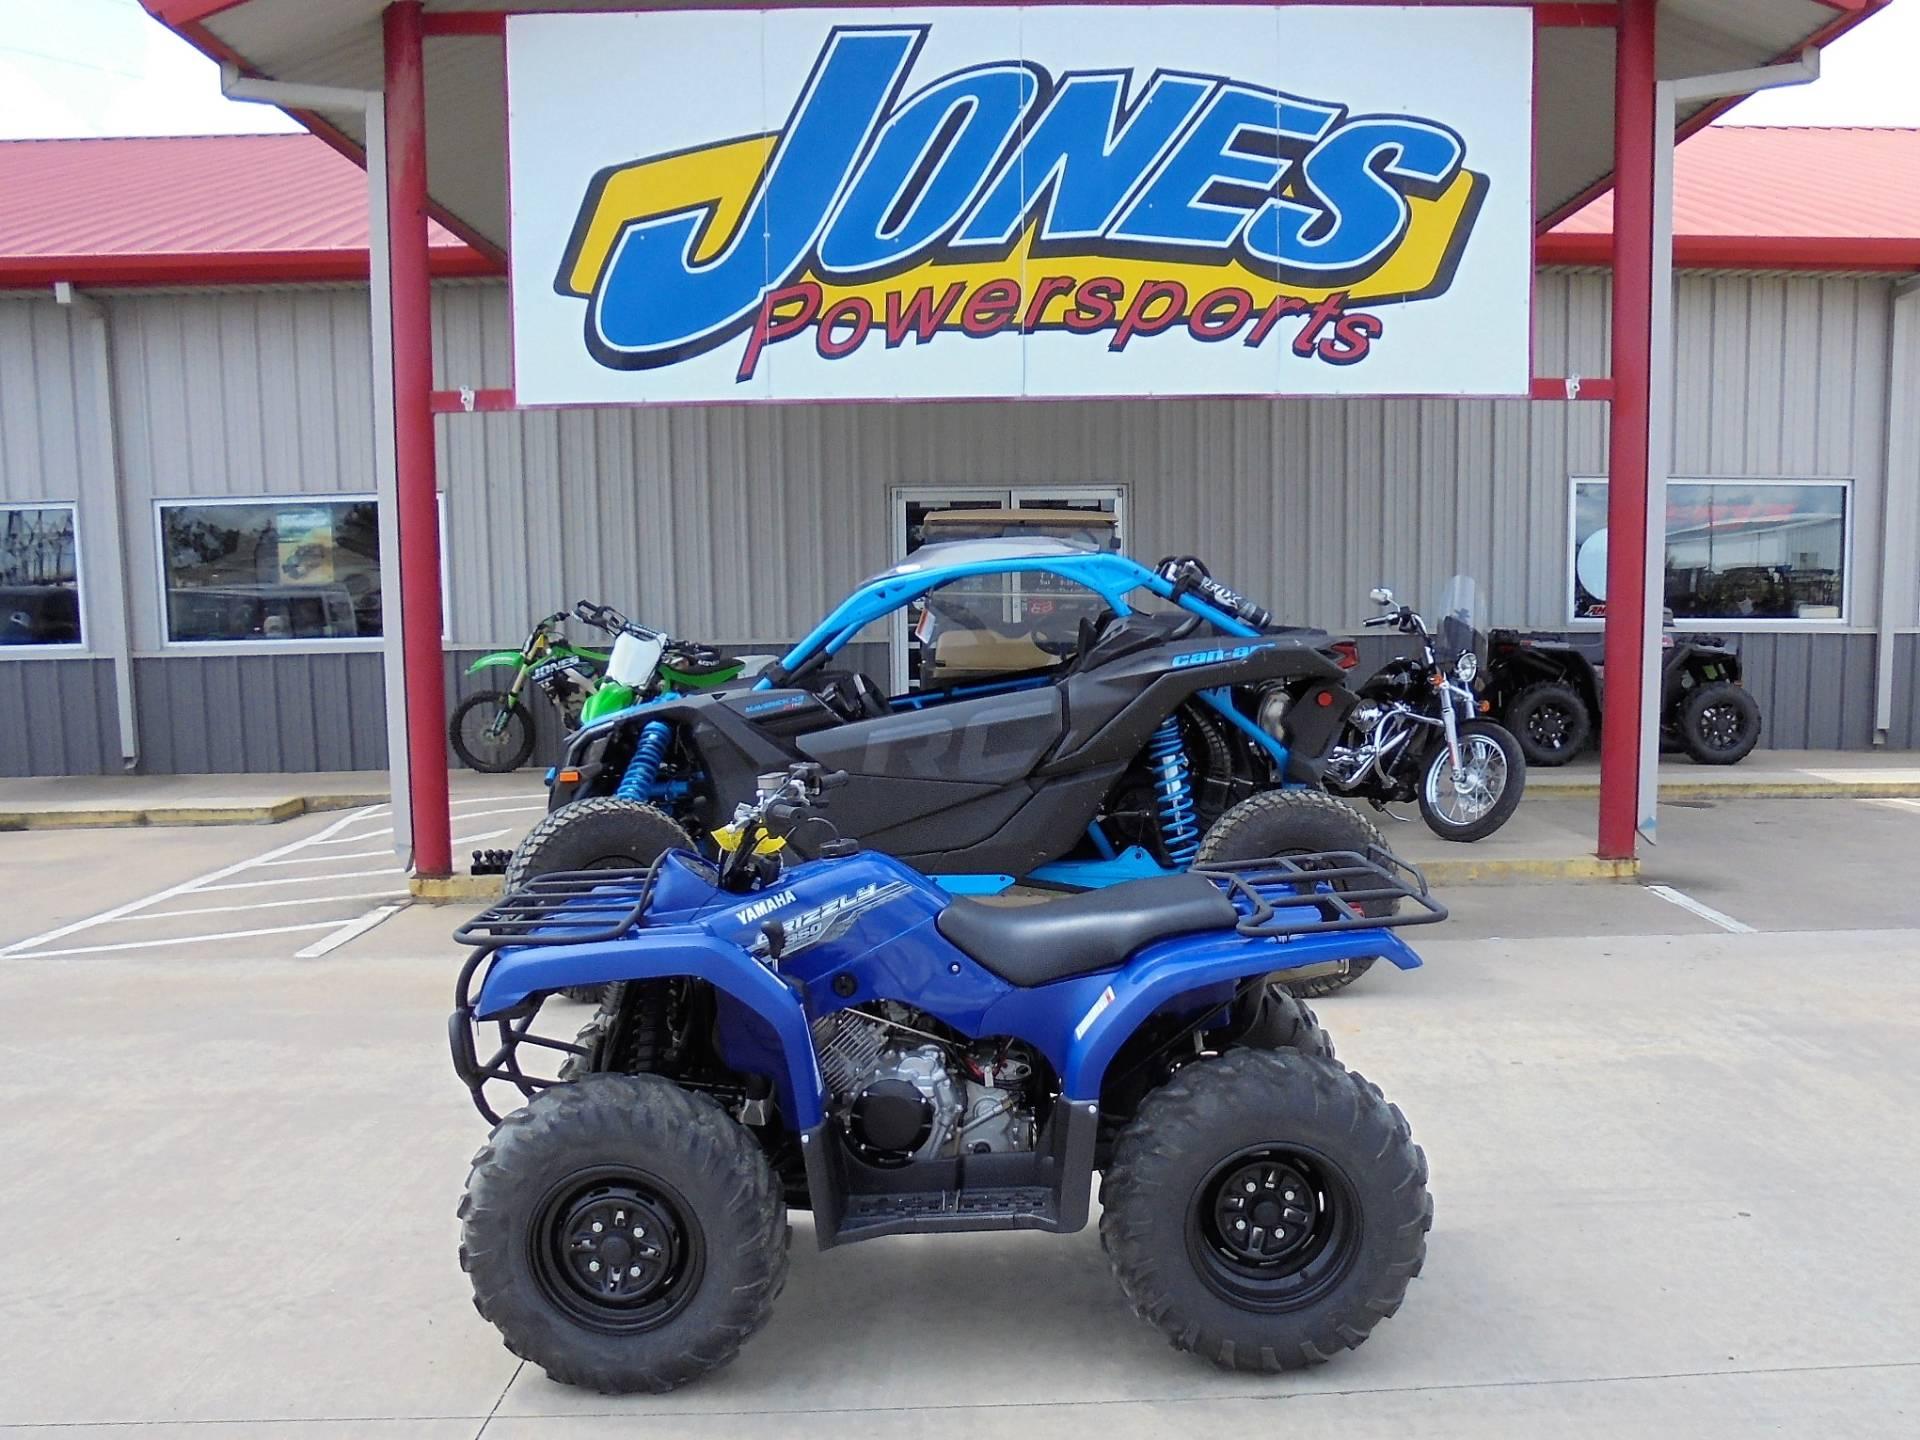 2014 Yamaha Grizzly 350 Auto. 4x4 ATVs Durant Oklahoma